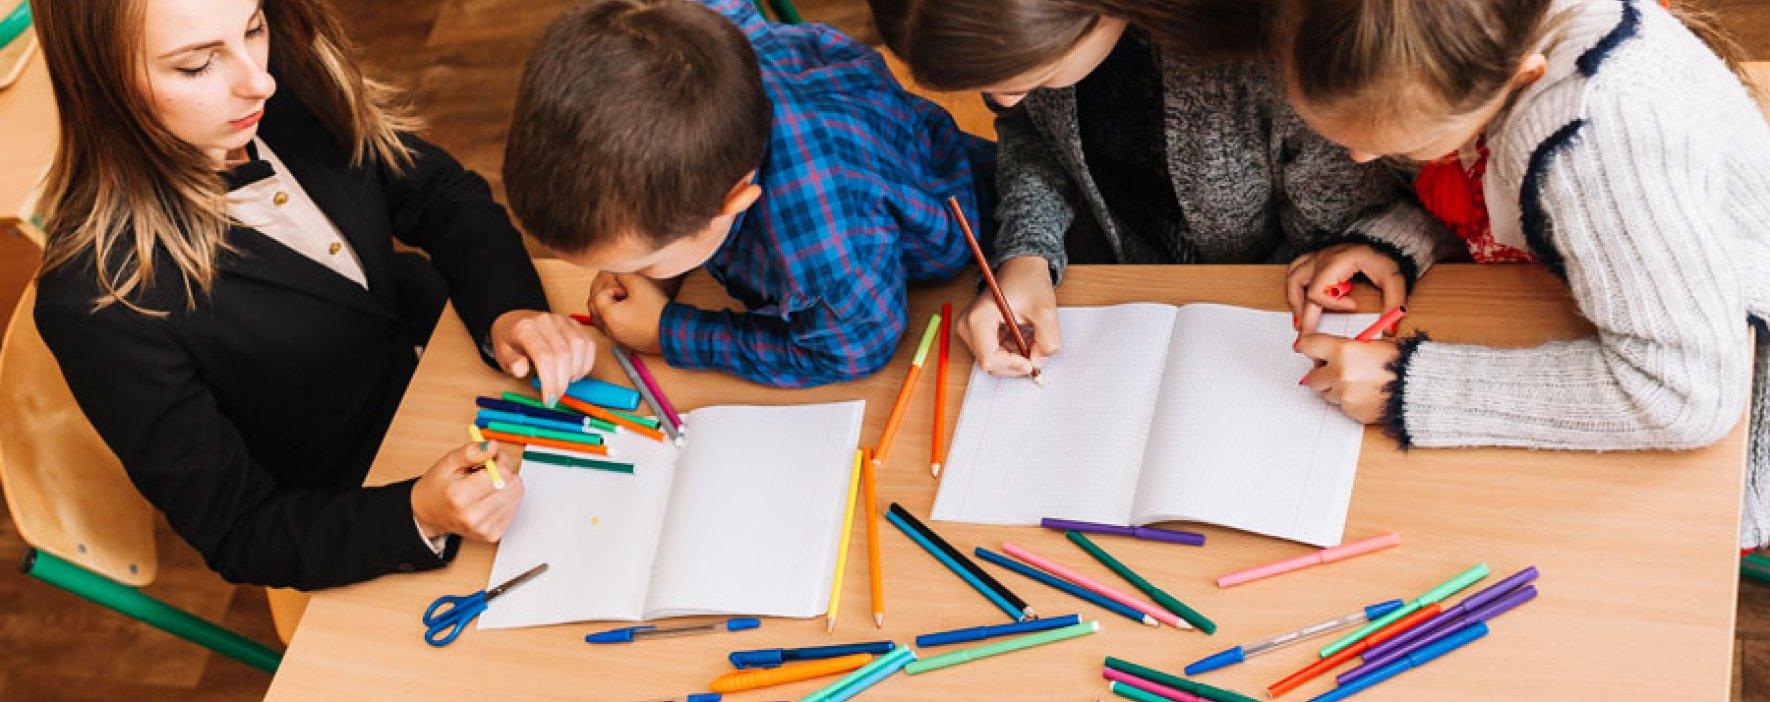 Fundación aeioTÚ ofrece desarrollo profesional para educadores de primera infancia